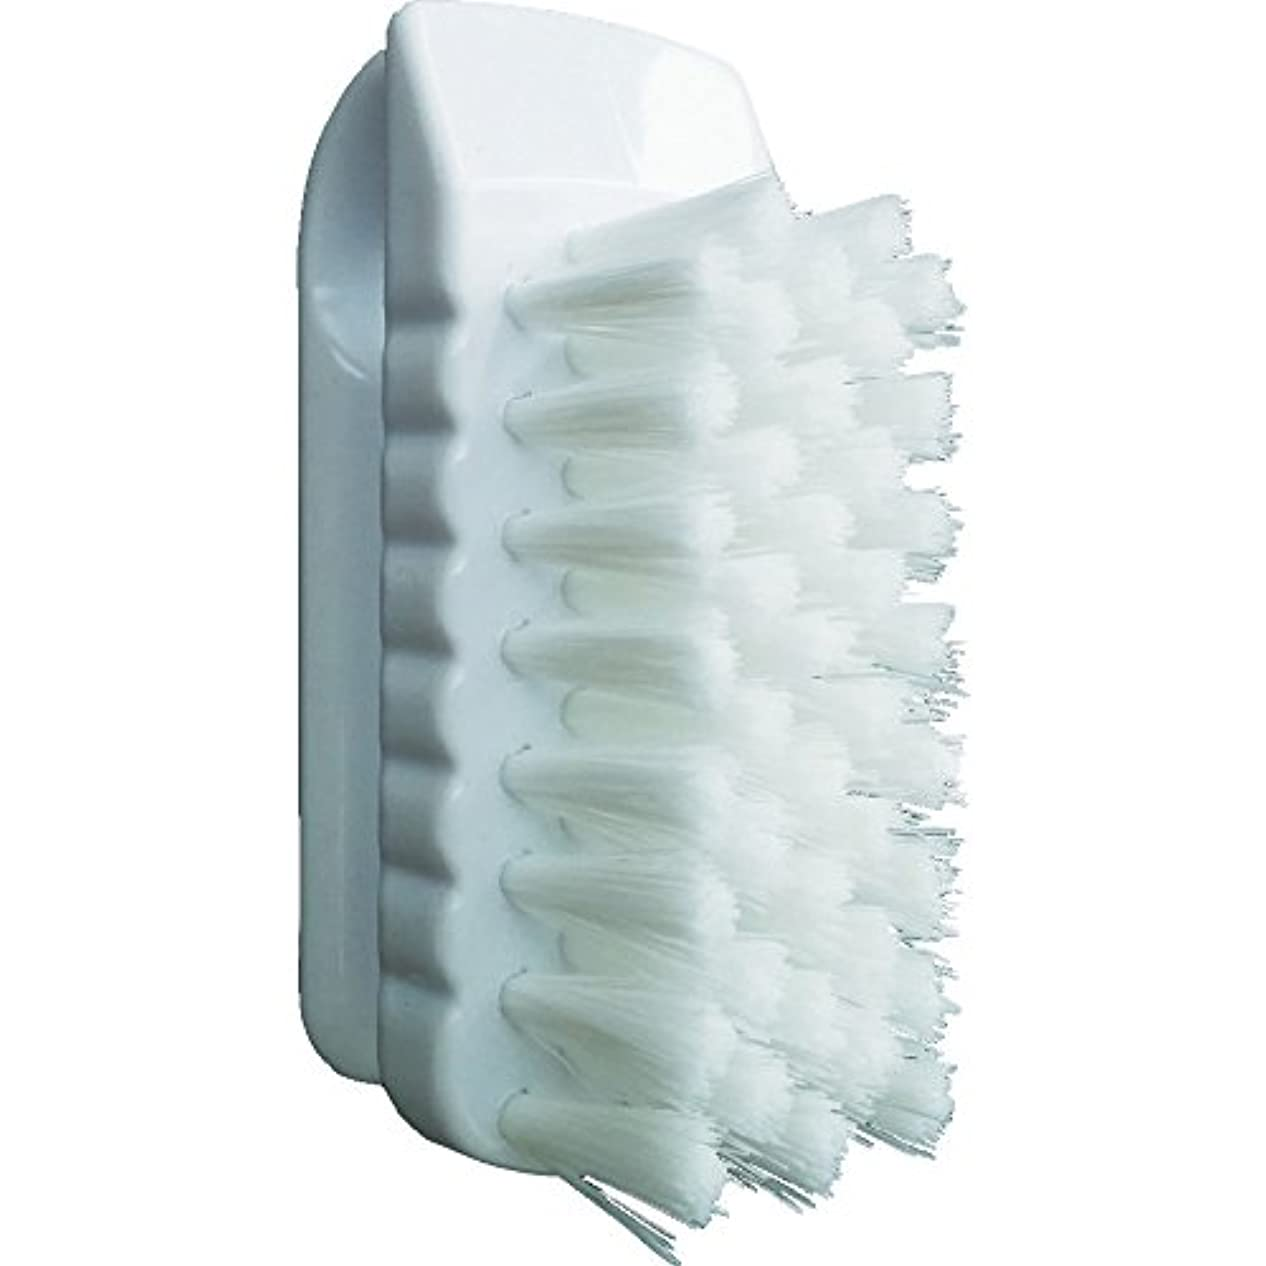 投げる証言倒錯バーテック バーキュート 私の爪ブラシ 白 BCN-W 61700001 つめ除菌ブラシ